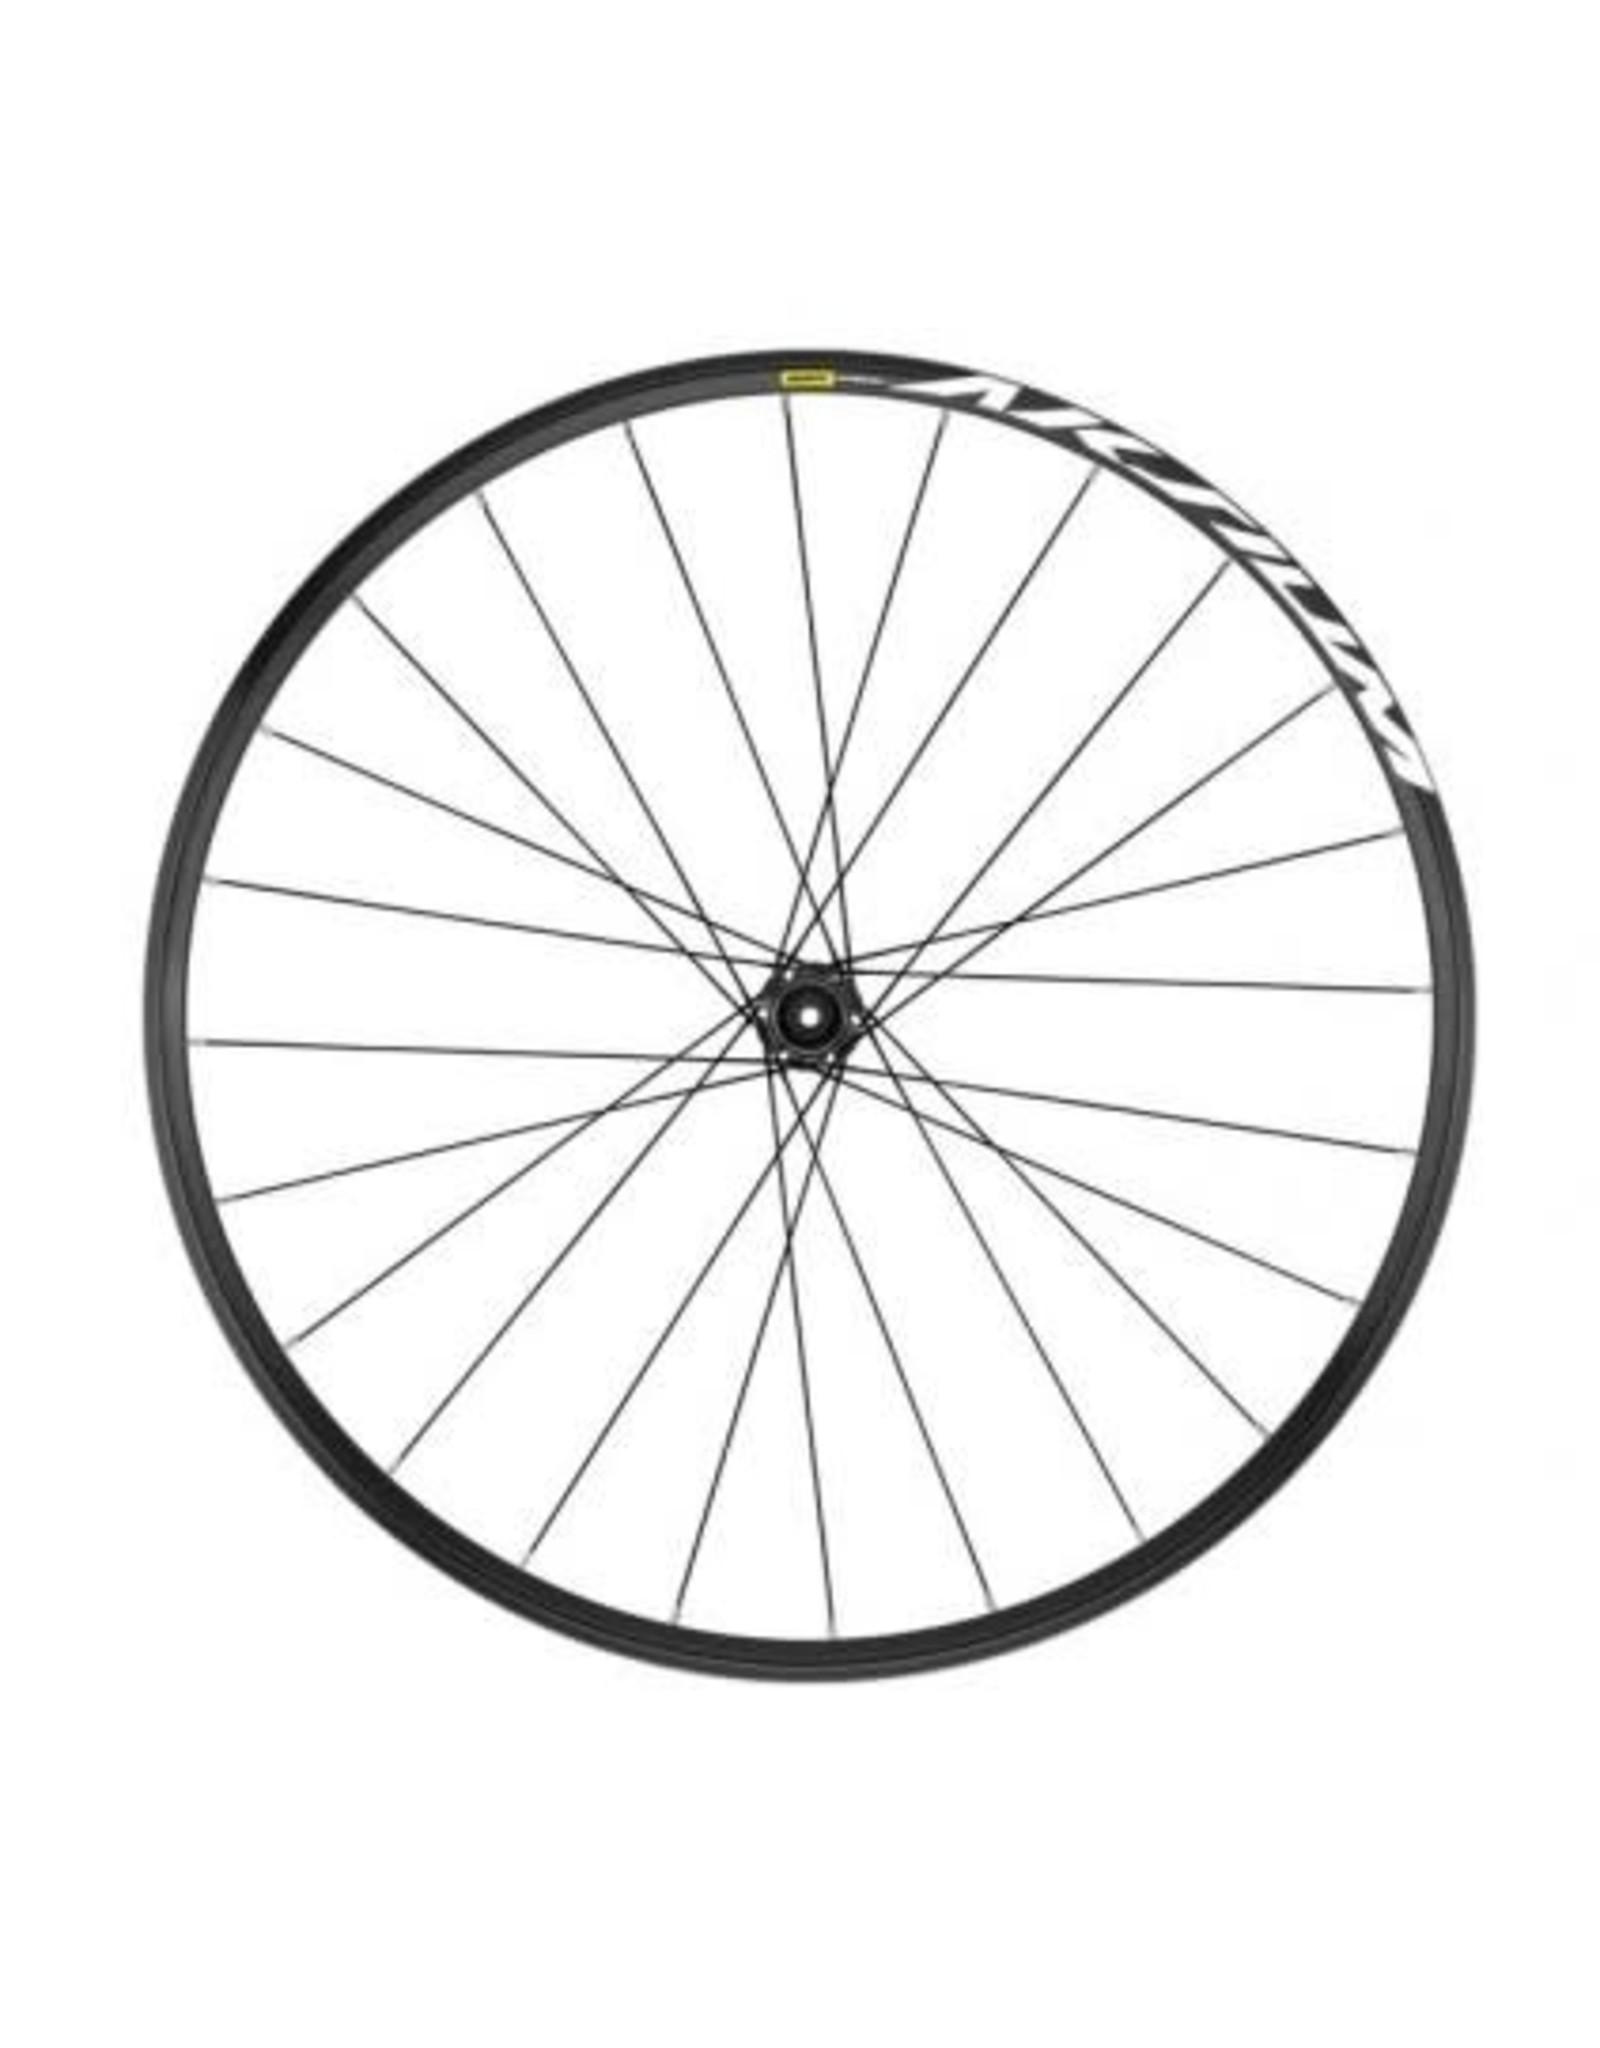 Mavic Wheels 700 Mavic Aksium 19 Disk CL HG11 (pair)